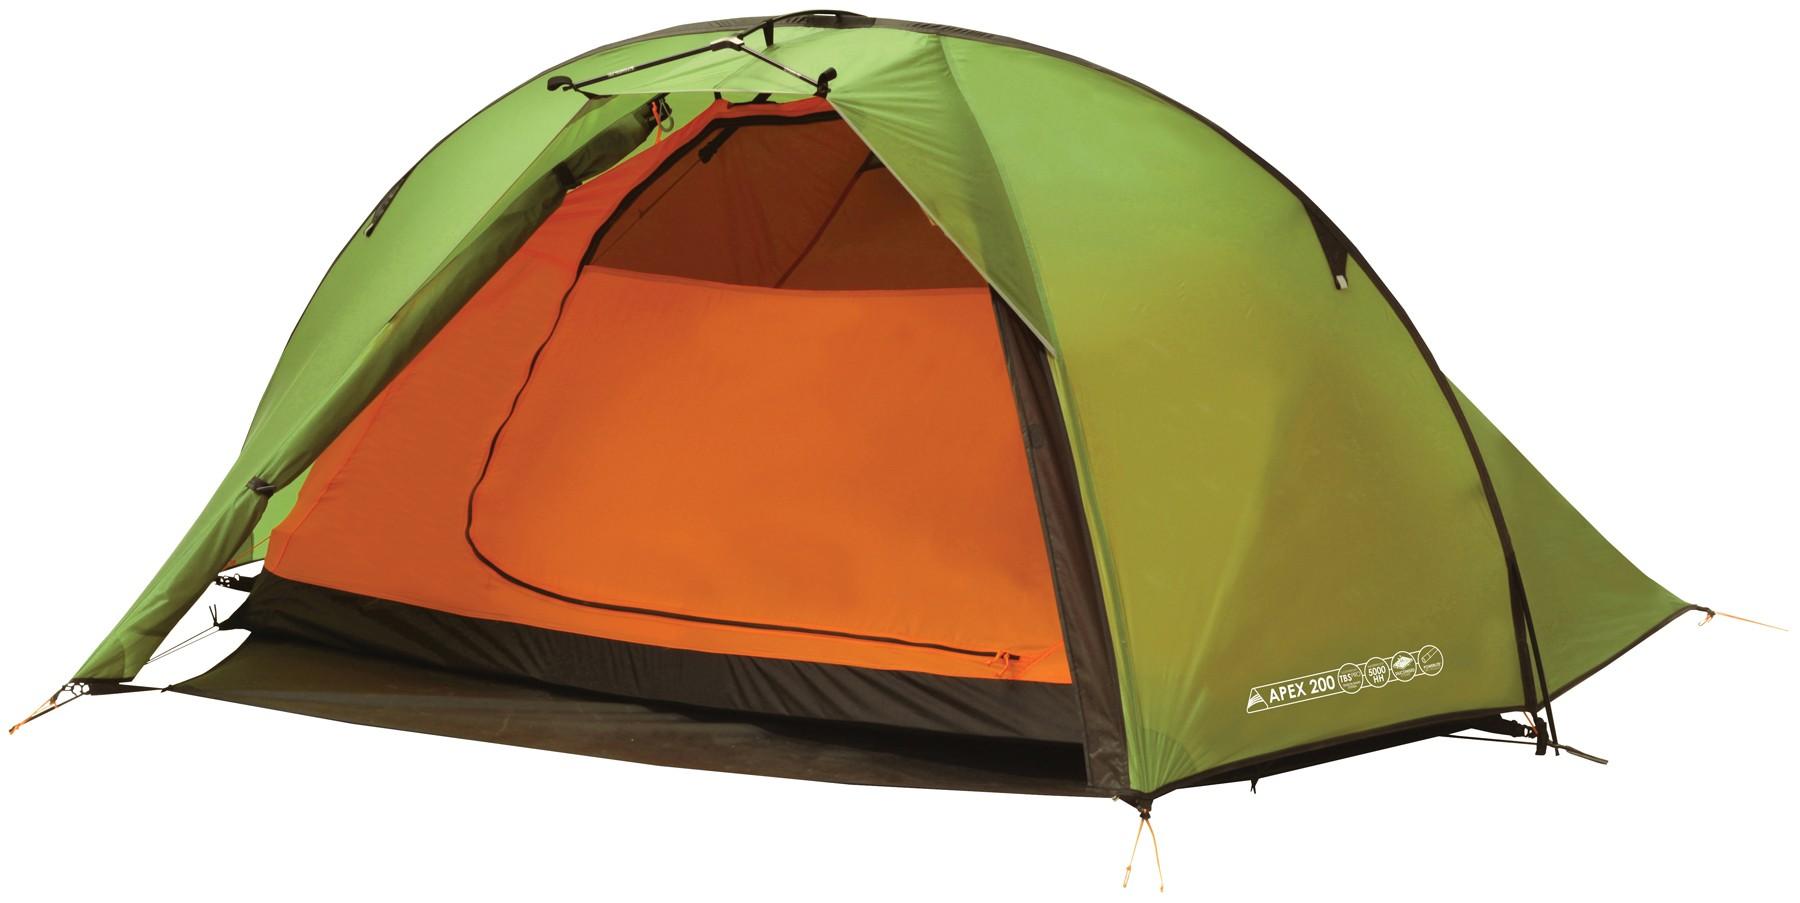 ... Vango Apex 200 Tent  sc 1 st  Outdoor Megastore & Vango Apex 200 Tent from Vango for £200.00